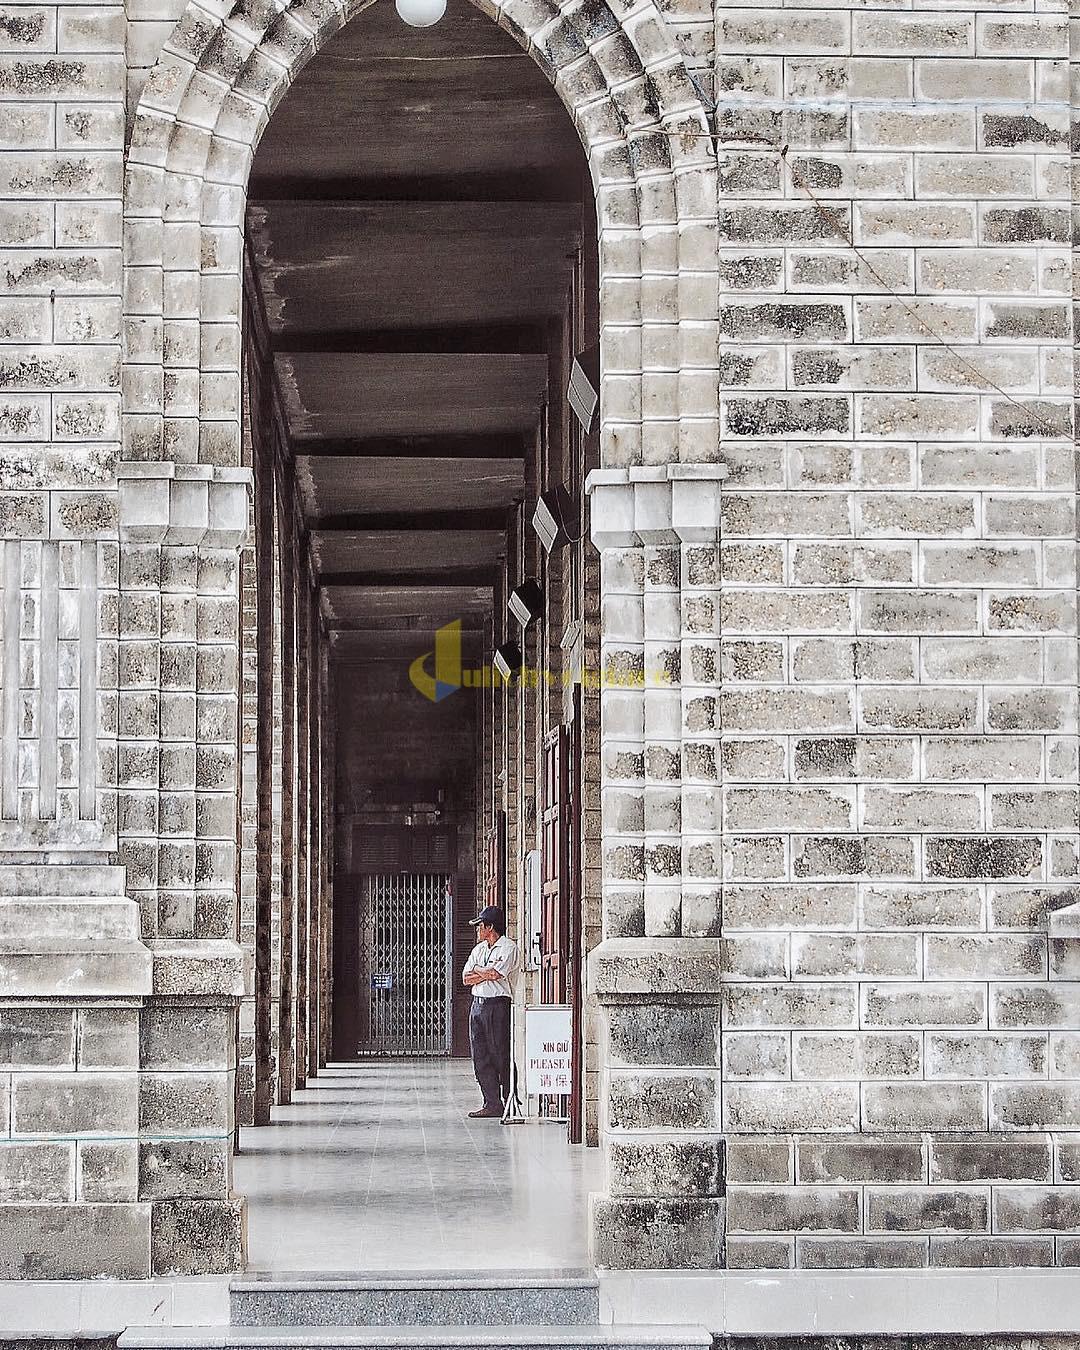 nhà-thờ-đá-1 Kinh Nghiệm Du Lịch Tự Túc Khi Tới Nha Trang